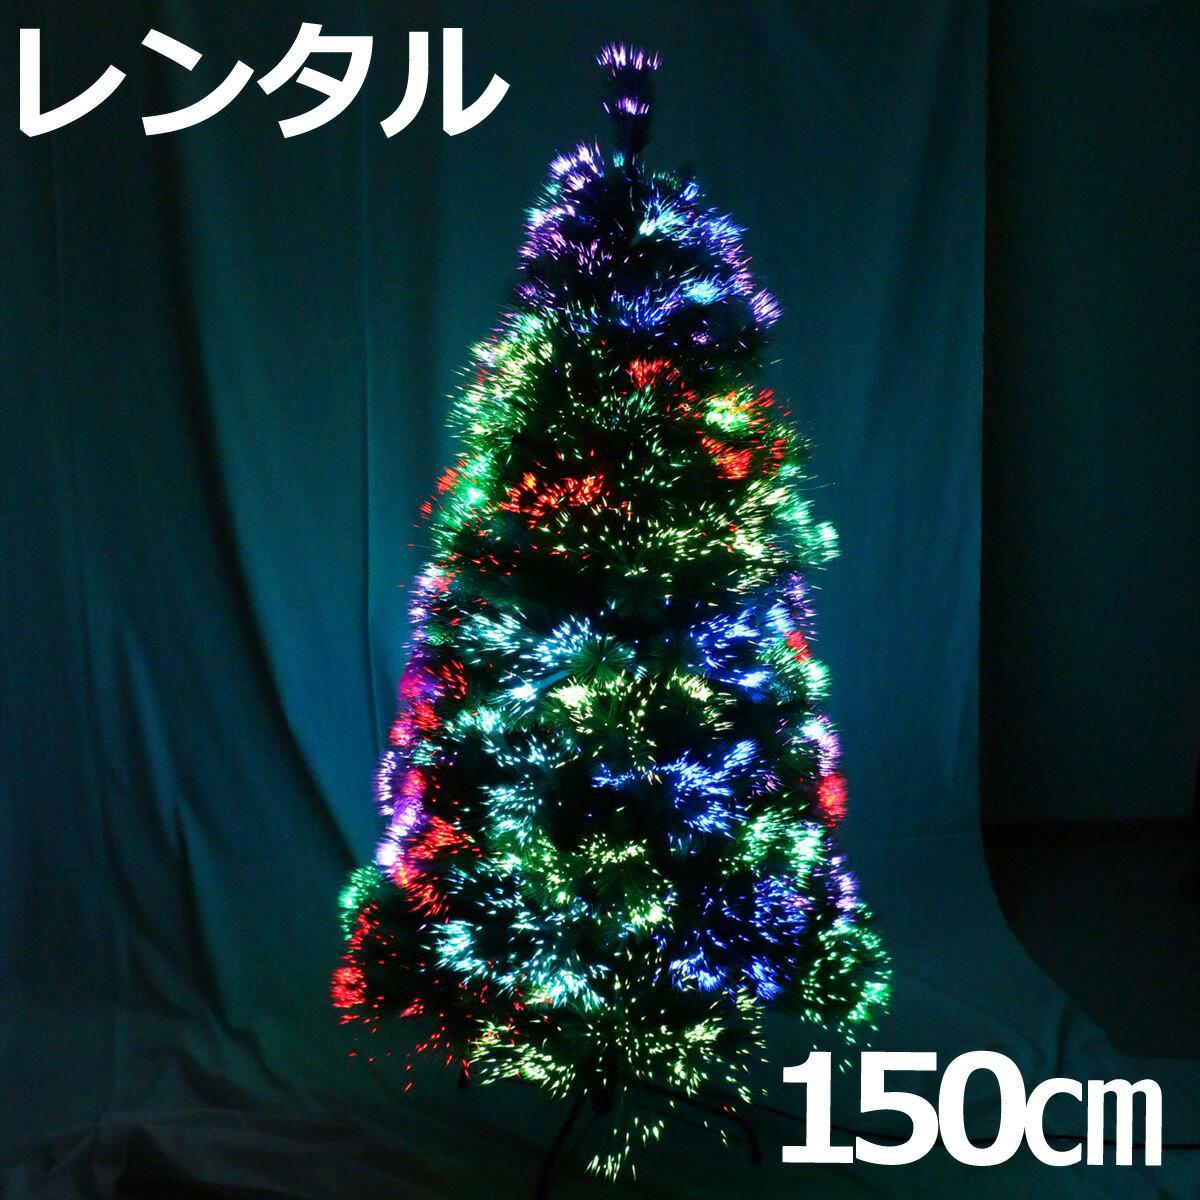 【レンタル】 150cm LEDファイバー オーロラファイバーツリー 【往復 送料無料】 クリスマスツリー レンタル fy16REN07